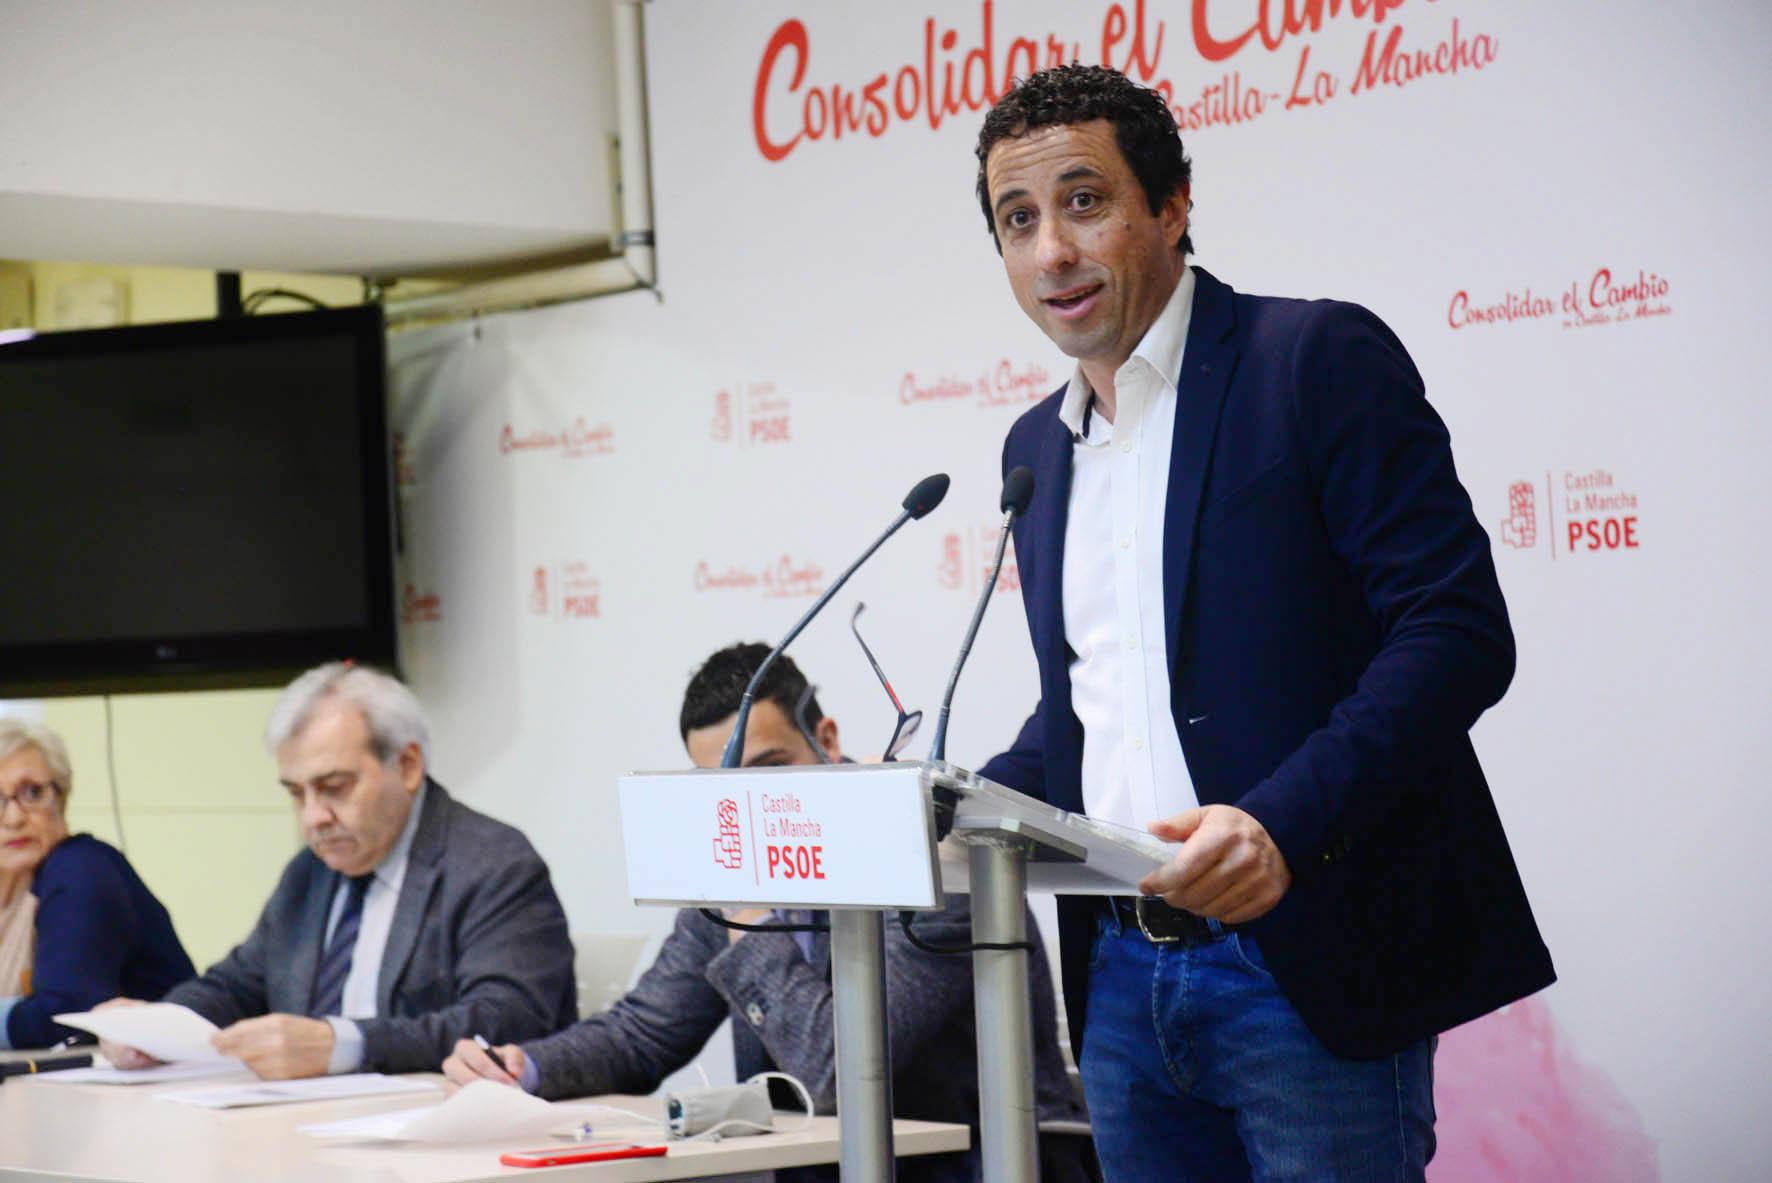 Todos los hombres y mujeres de Chesco Armenta en el nuevo PSOE de la ciudad  de Toledo - ENCLM 65cba2b8a28a